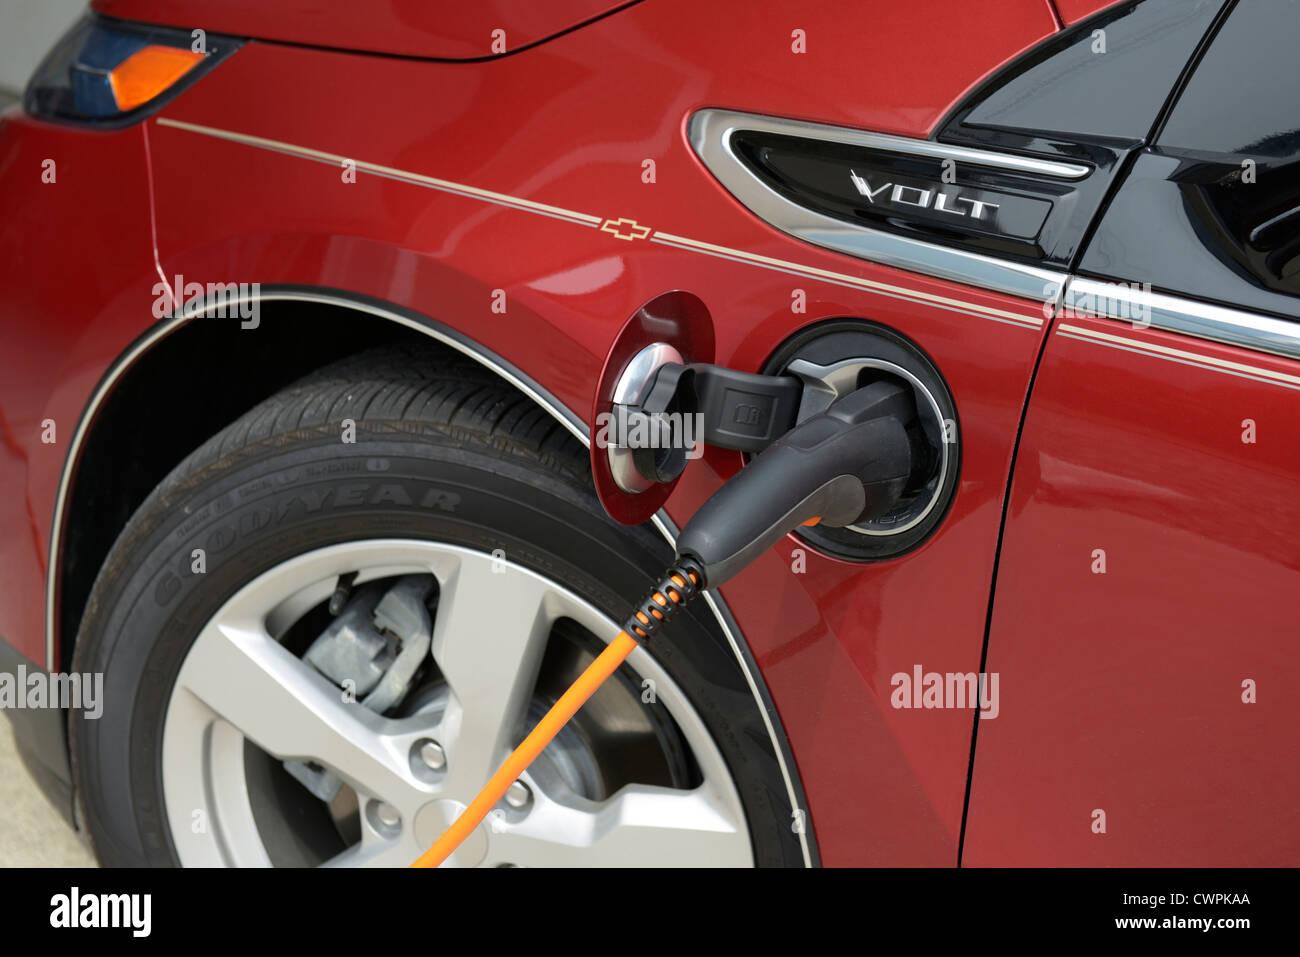 Chevrolet Volt, voiture électrique, la recharge Photo Stock